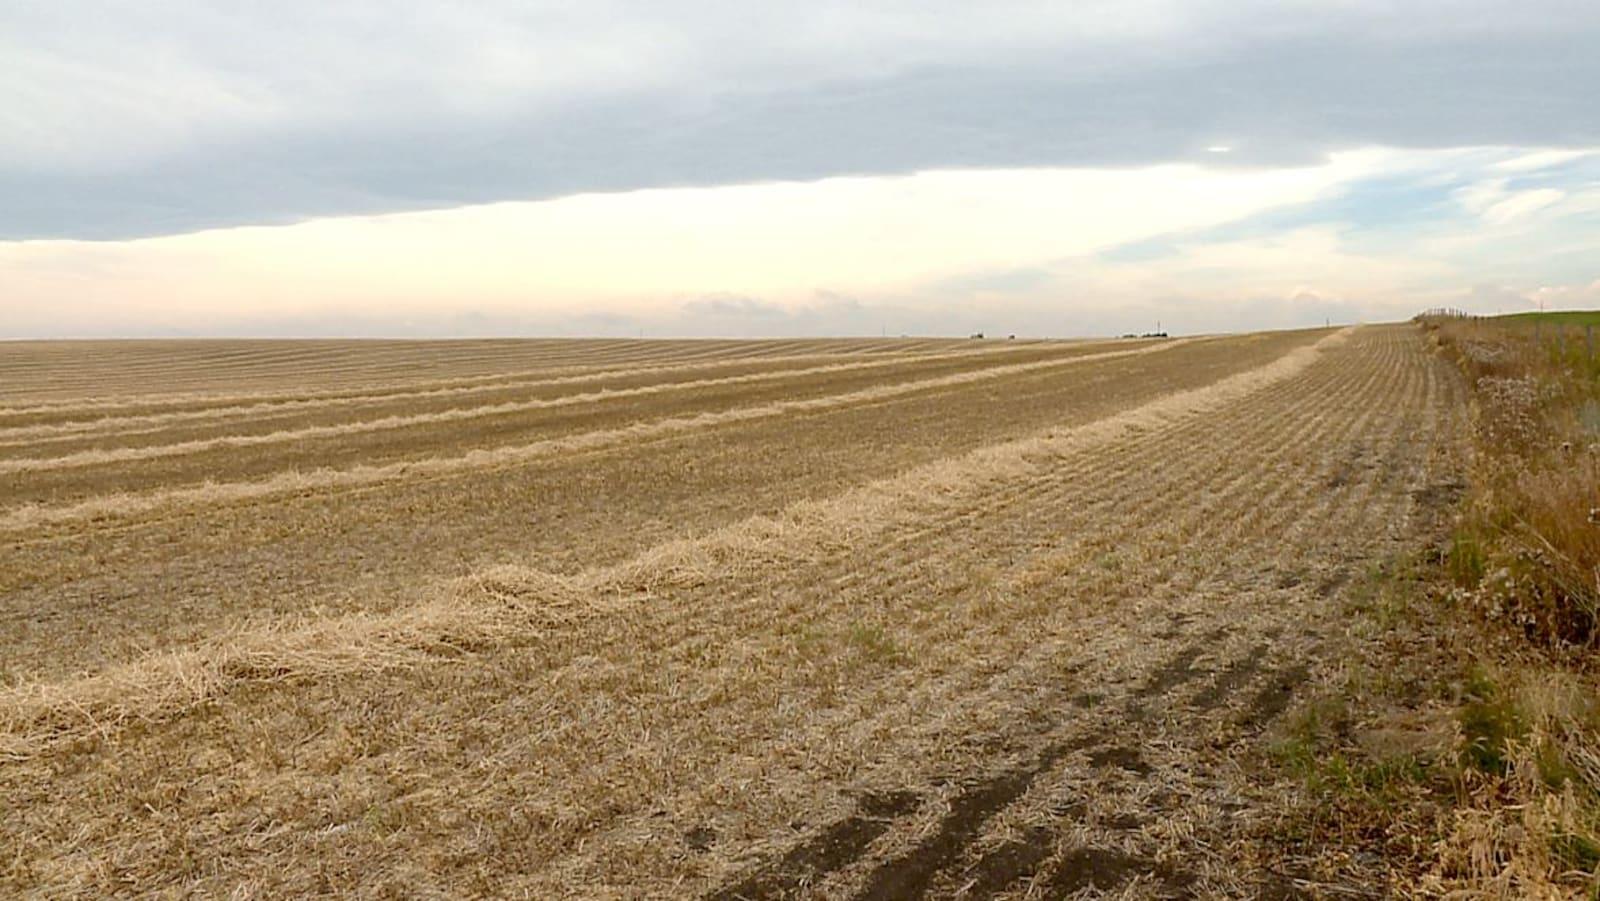 Un énorme champ qui vient d'être récolté sous un ciel nuageux.